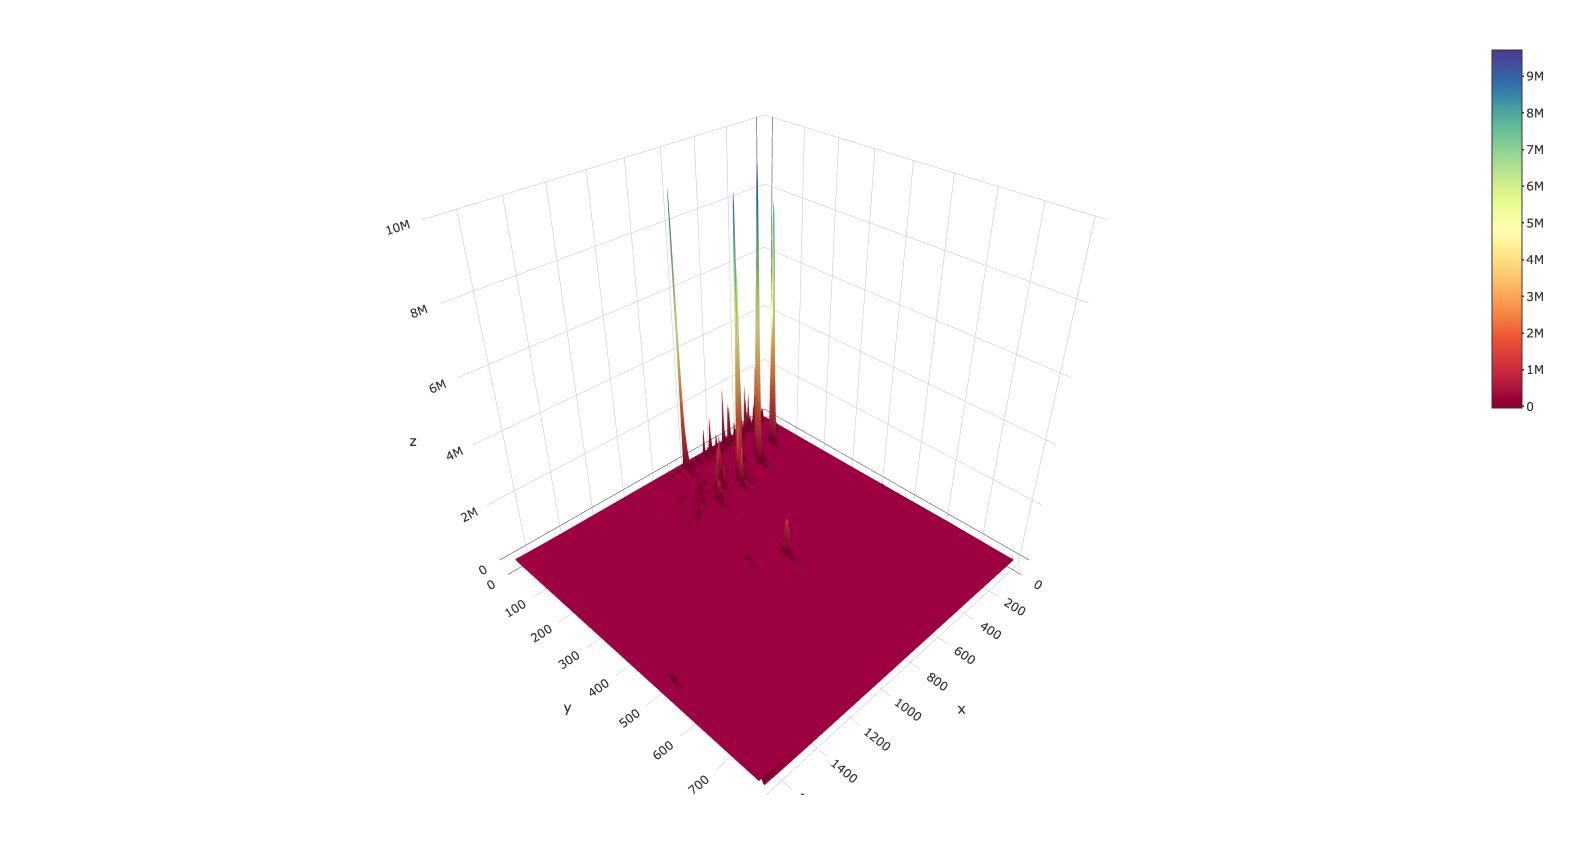 GCxGC 3D chromatogram plot